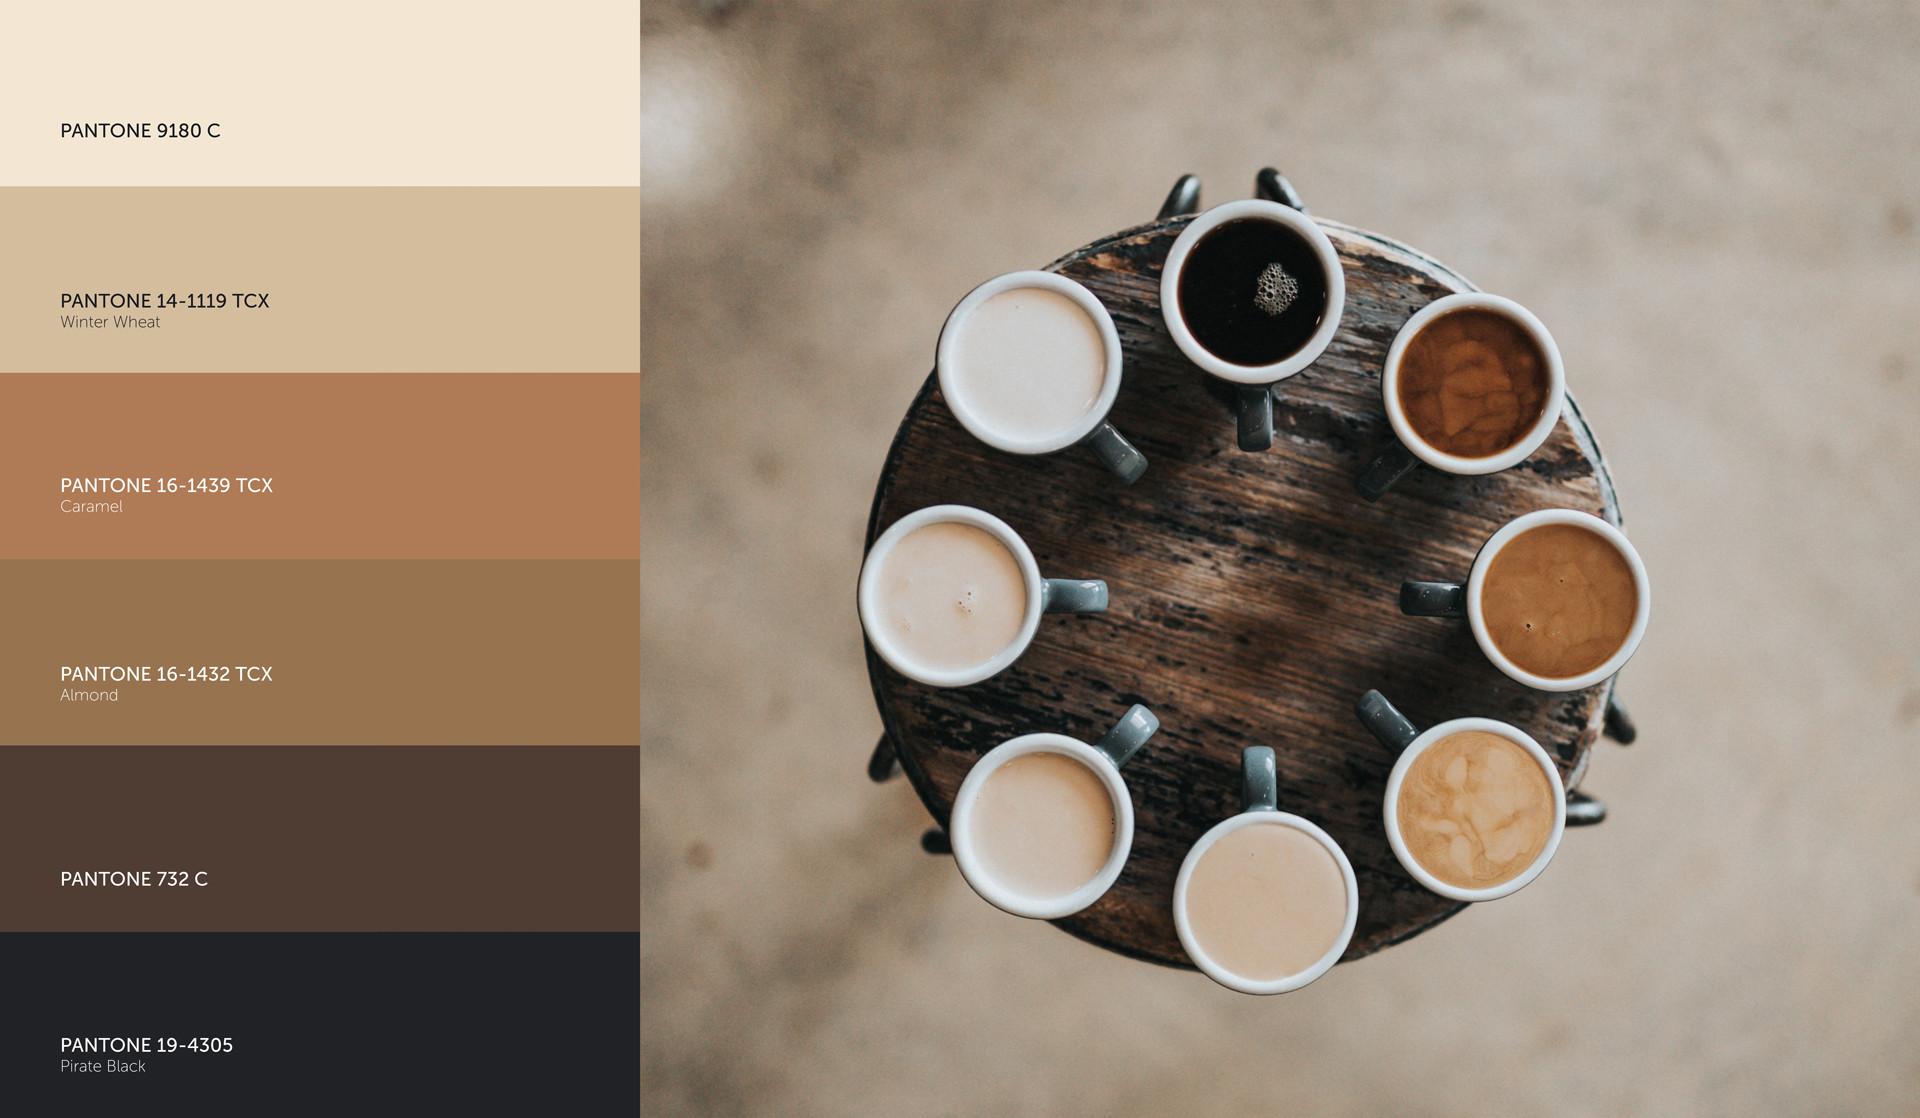 Black-Bean-Coffee-Shop-Logo-Design-and-B